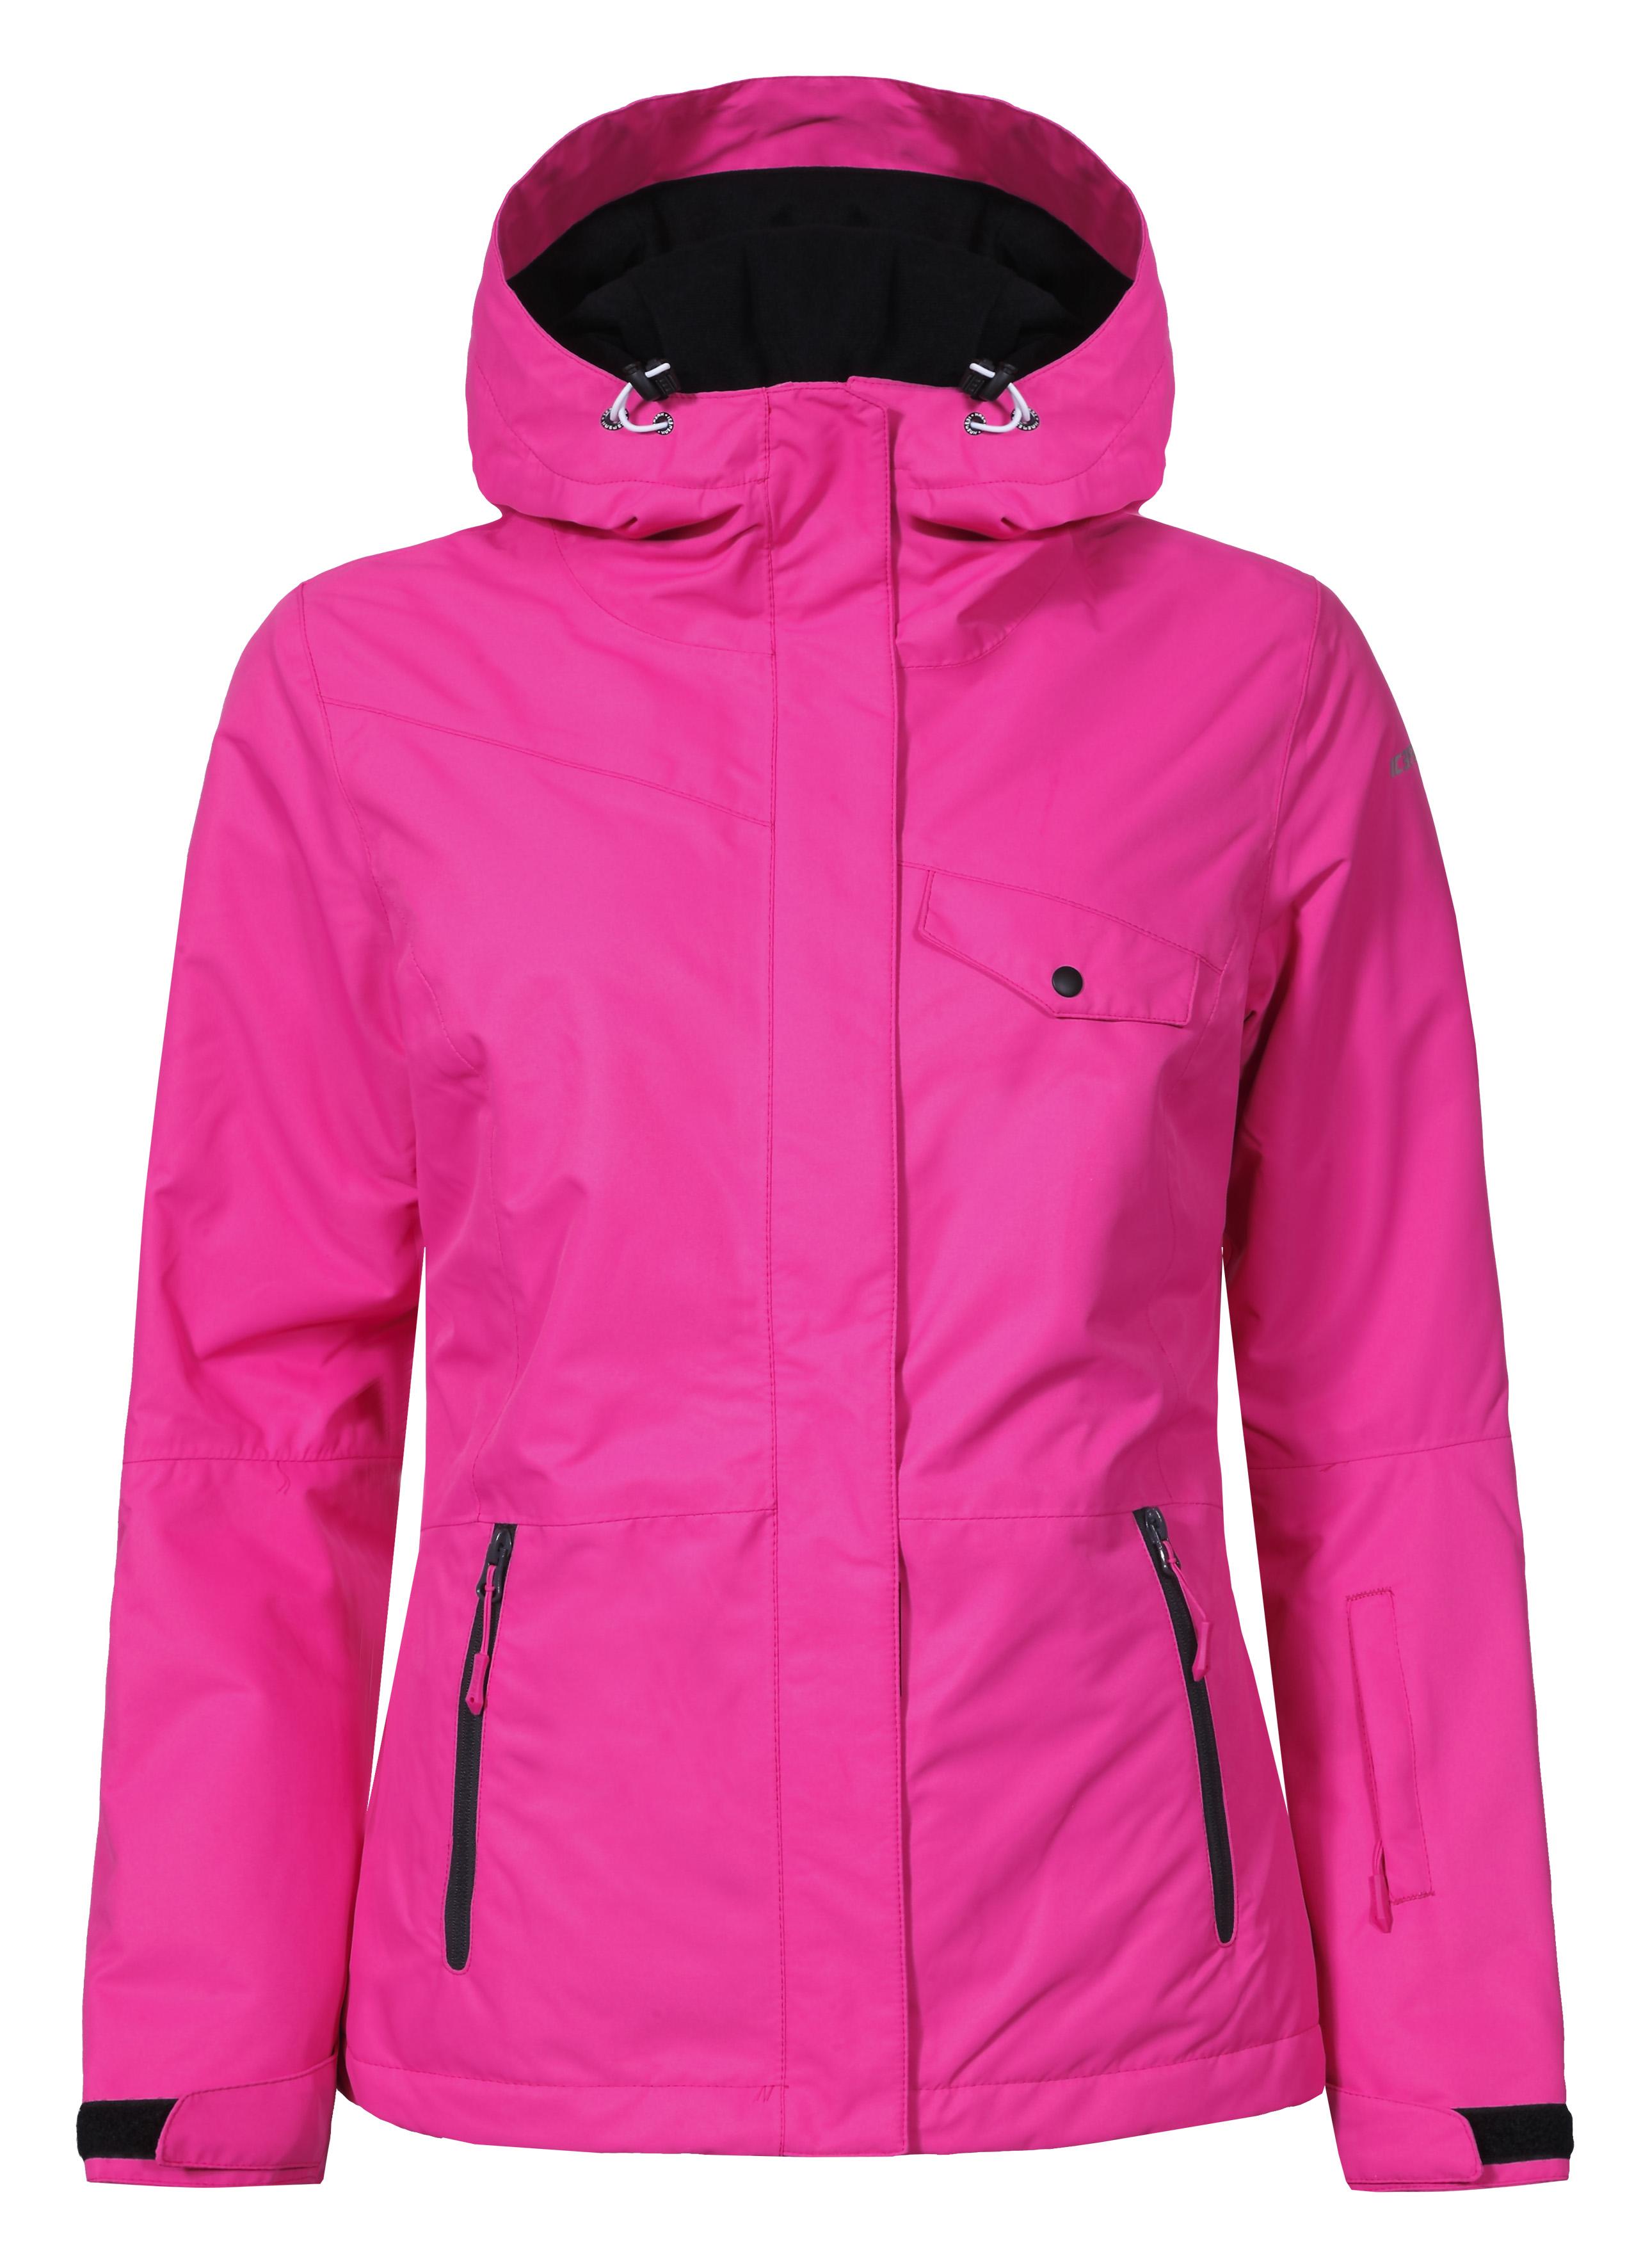 Image of   Icepeak Kaisa Wadded Jacket women - Cranberry - 38